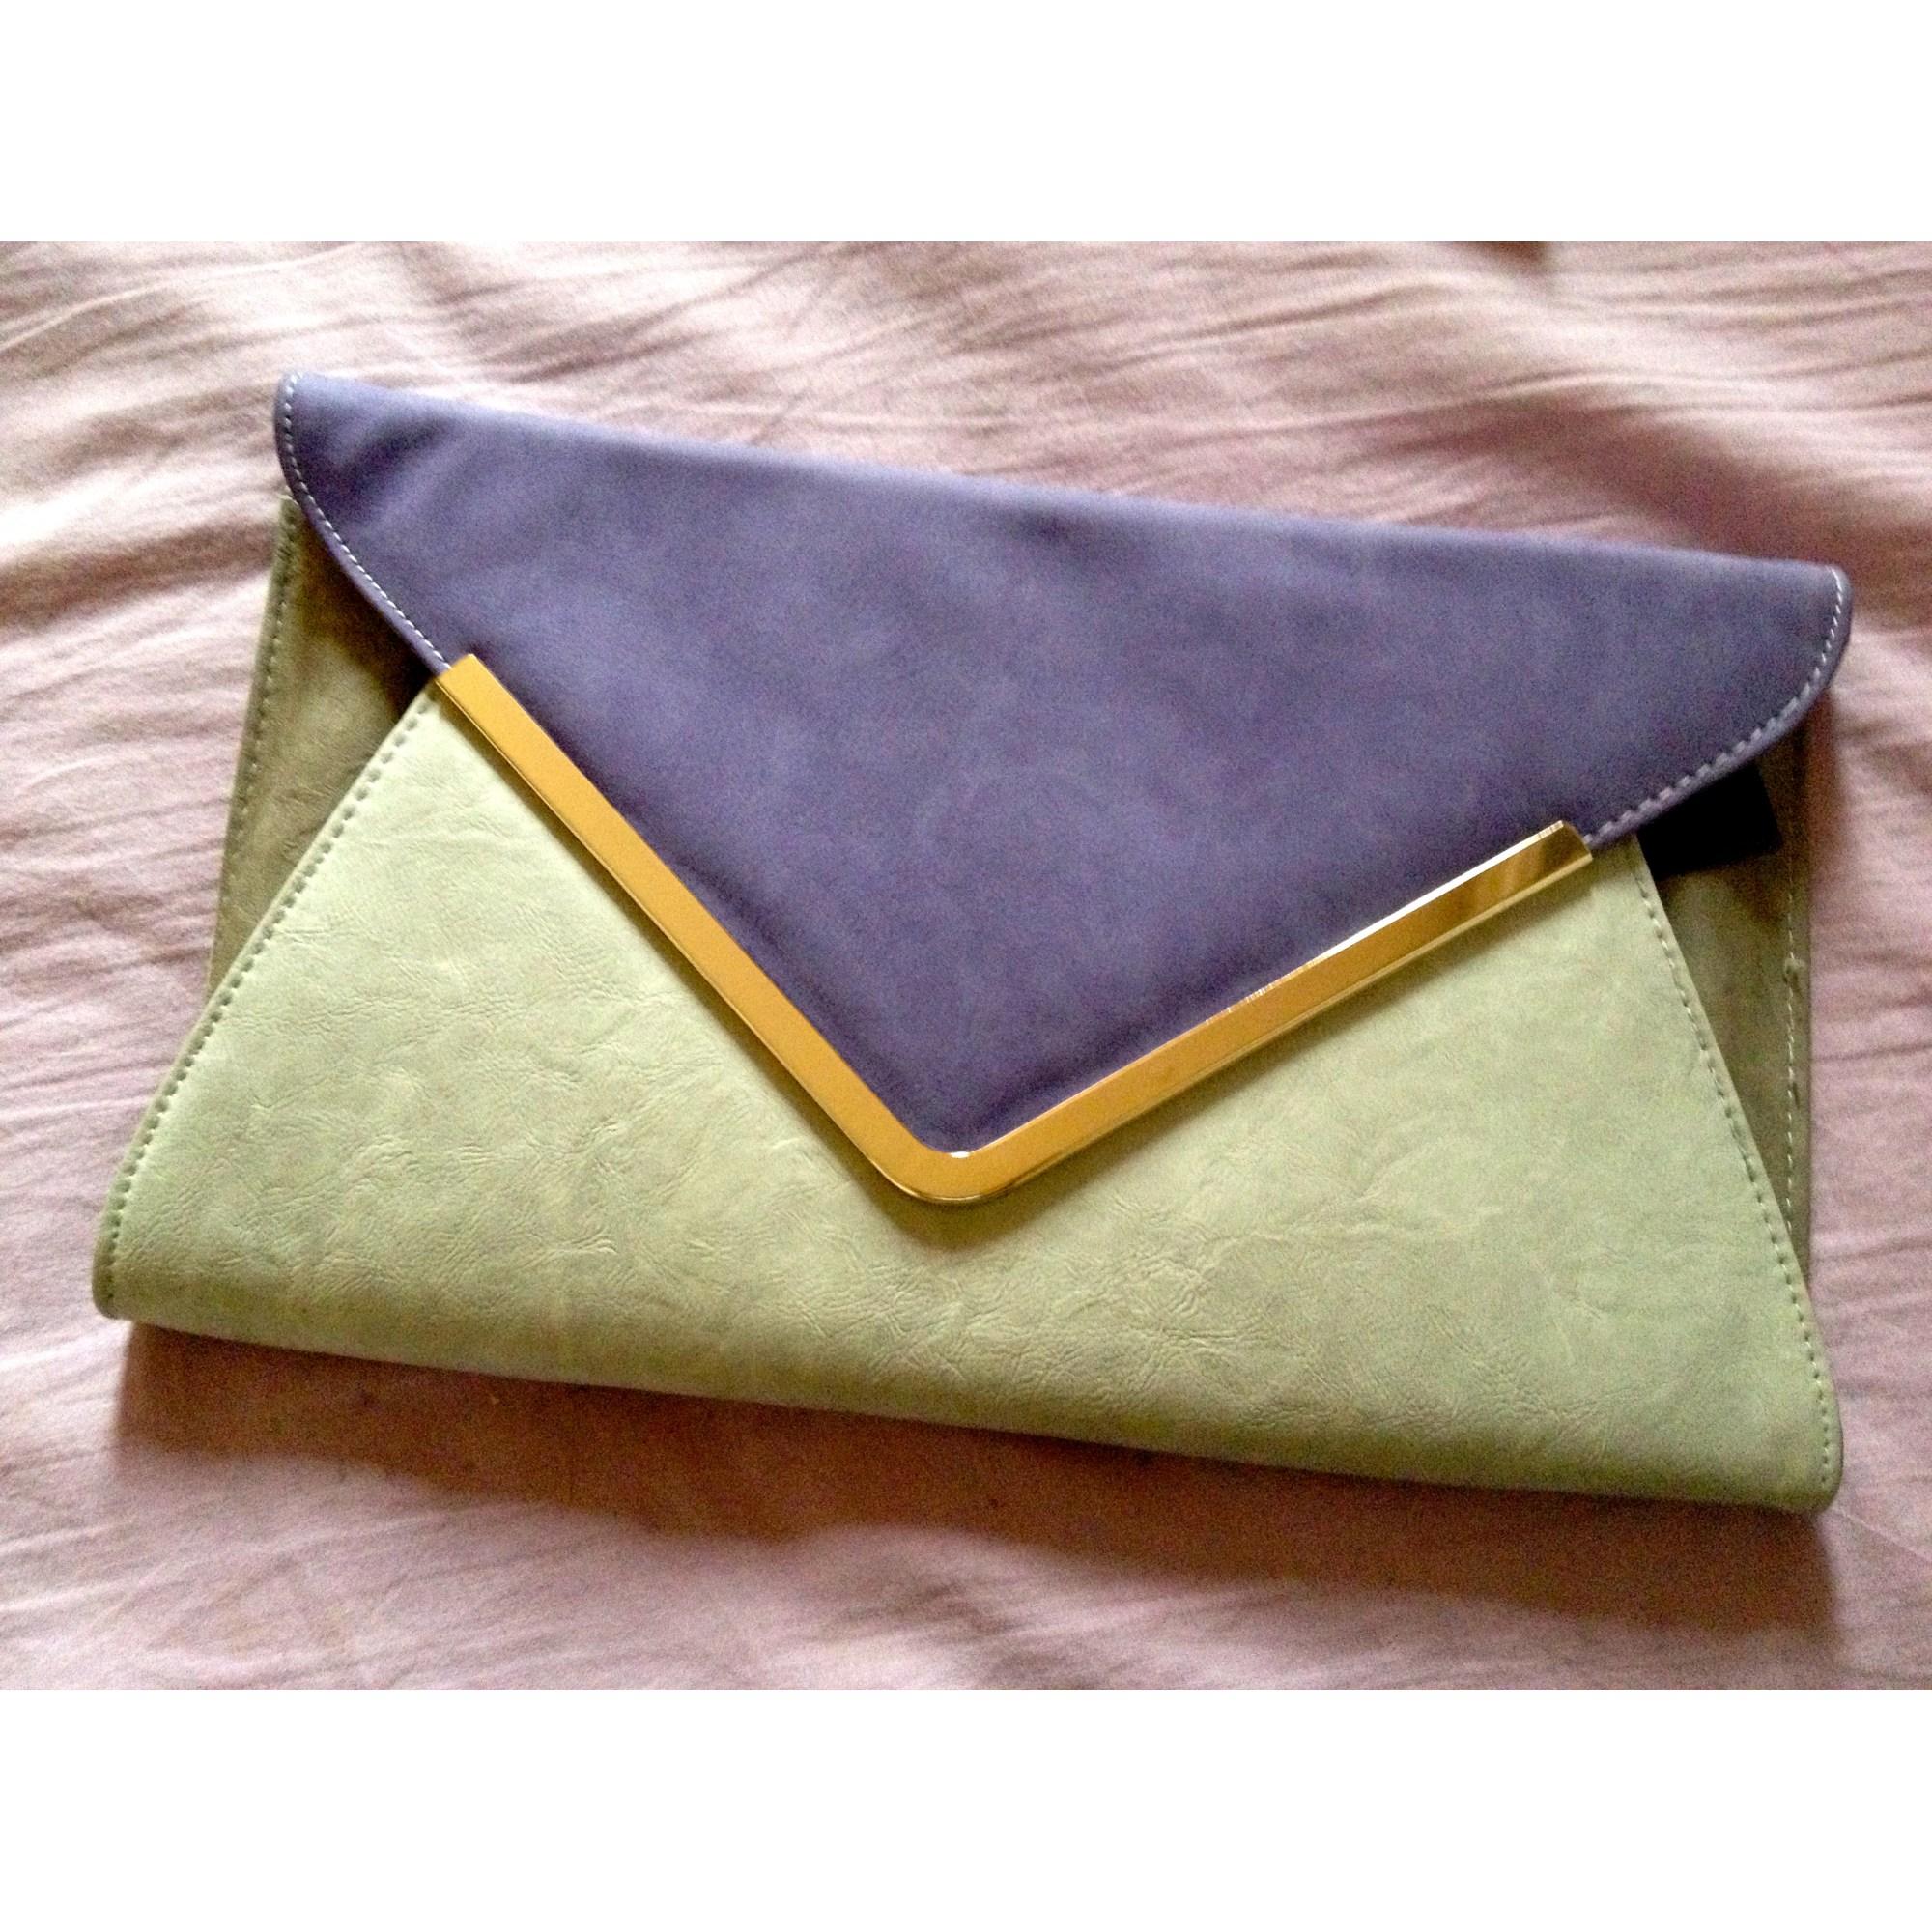 Sac pochette en cuir NEW LOOK Violet, mauve, lavande